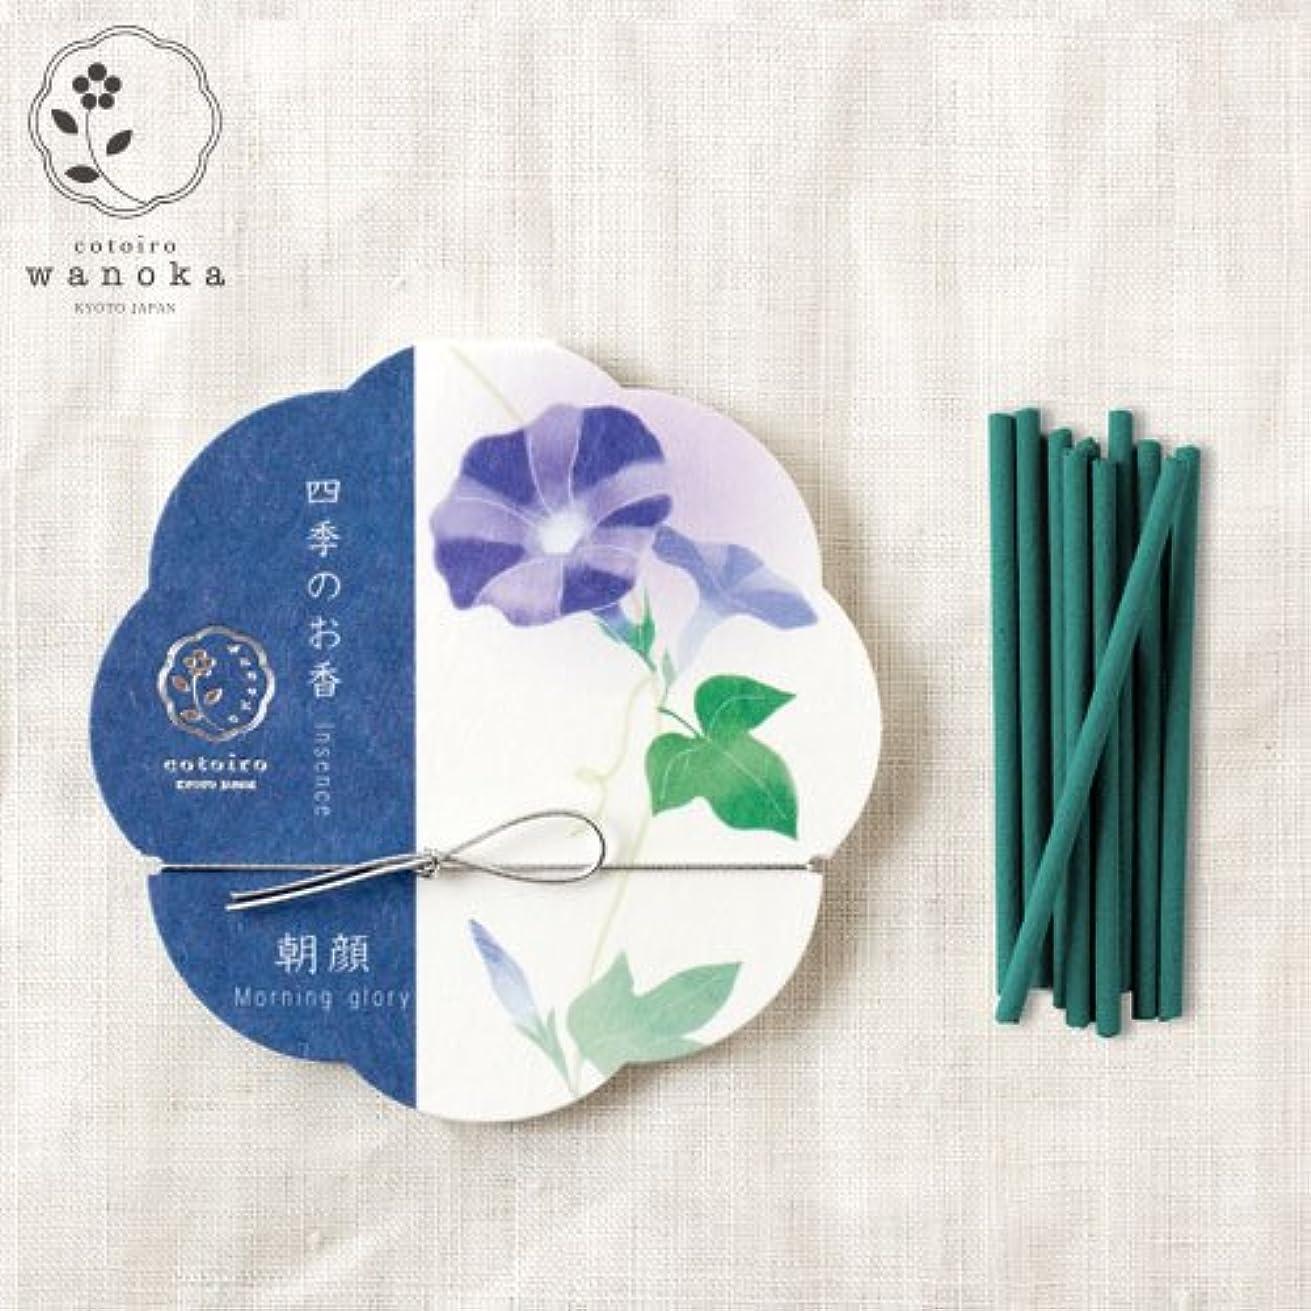 意識的作物ティッシュwanoka四季のお香(インセンス)朝顔《涼しげな朝顔をイメージした香り》ART LABIncense stick